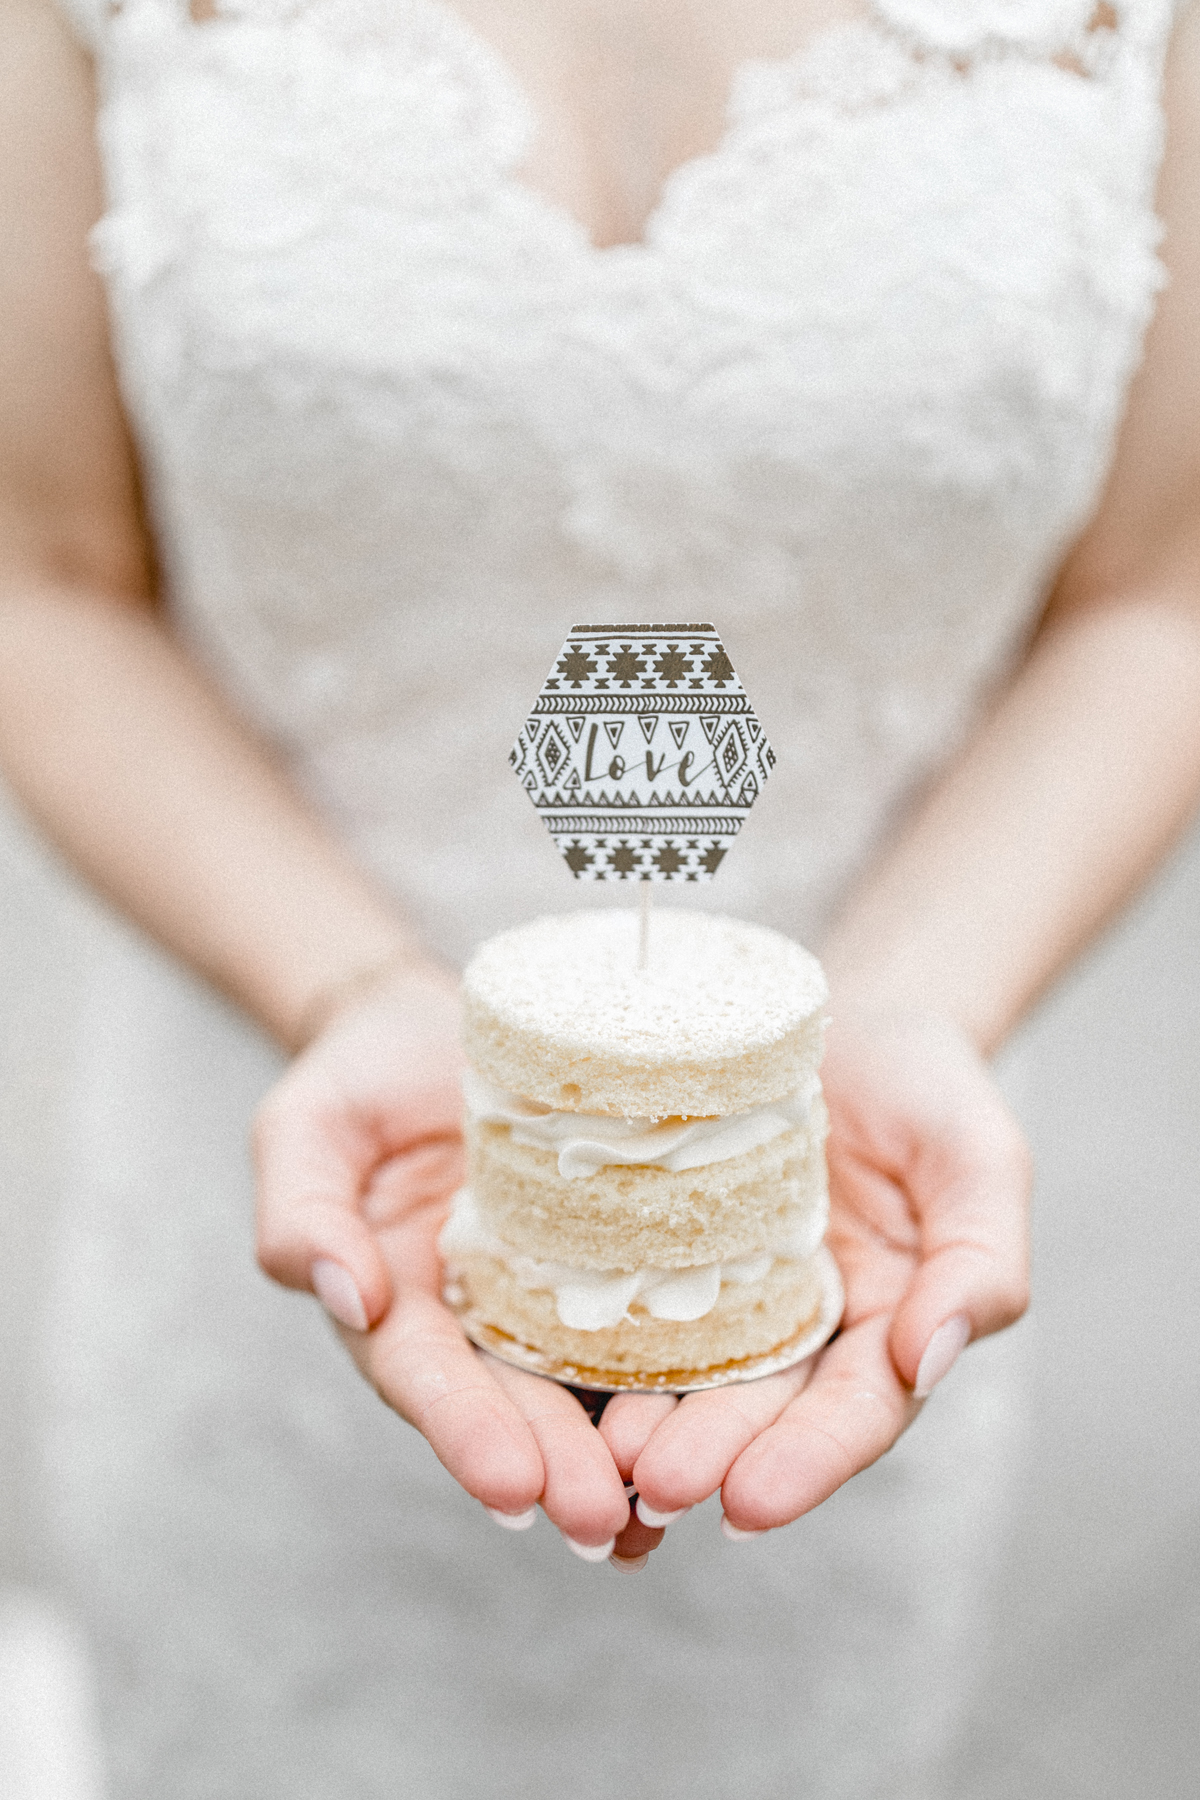 Andreas_Nusch_Hochzeitsfotografie_Brautshooting_2017_JA-Hochzeitsshop_0180